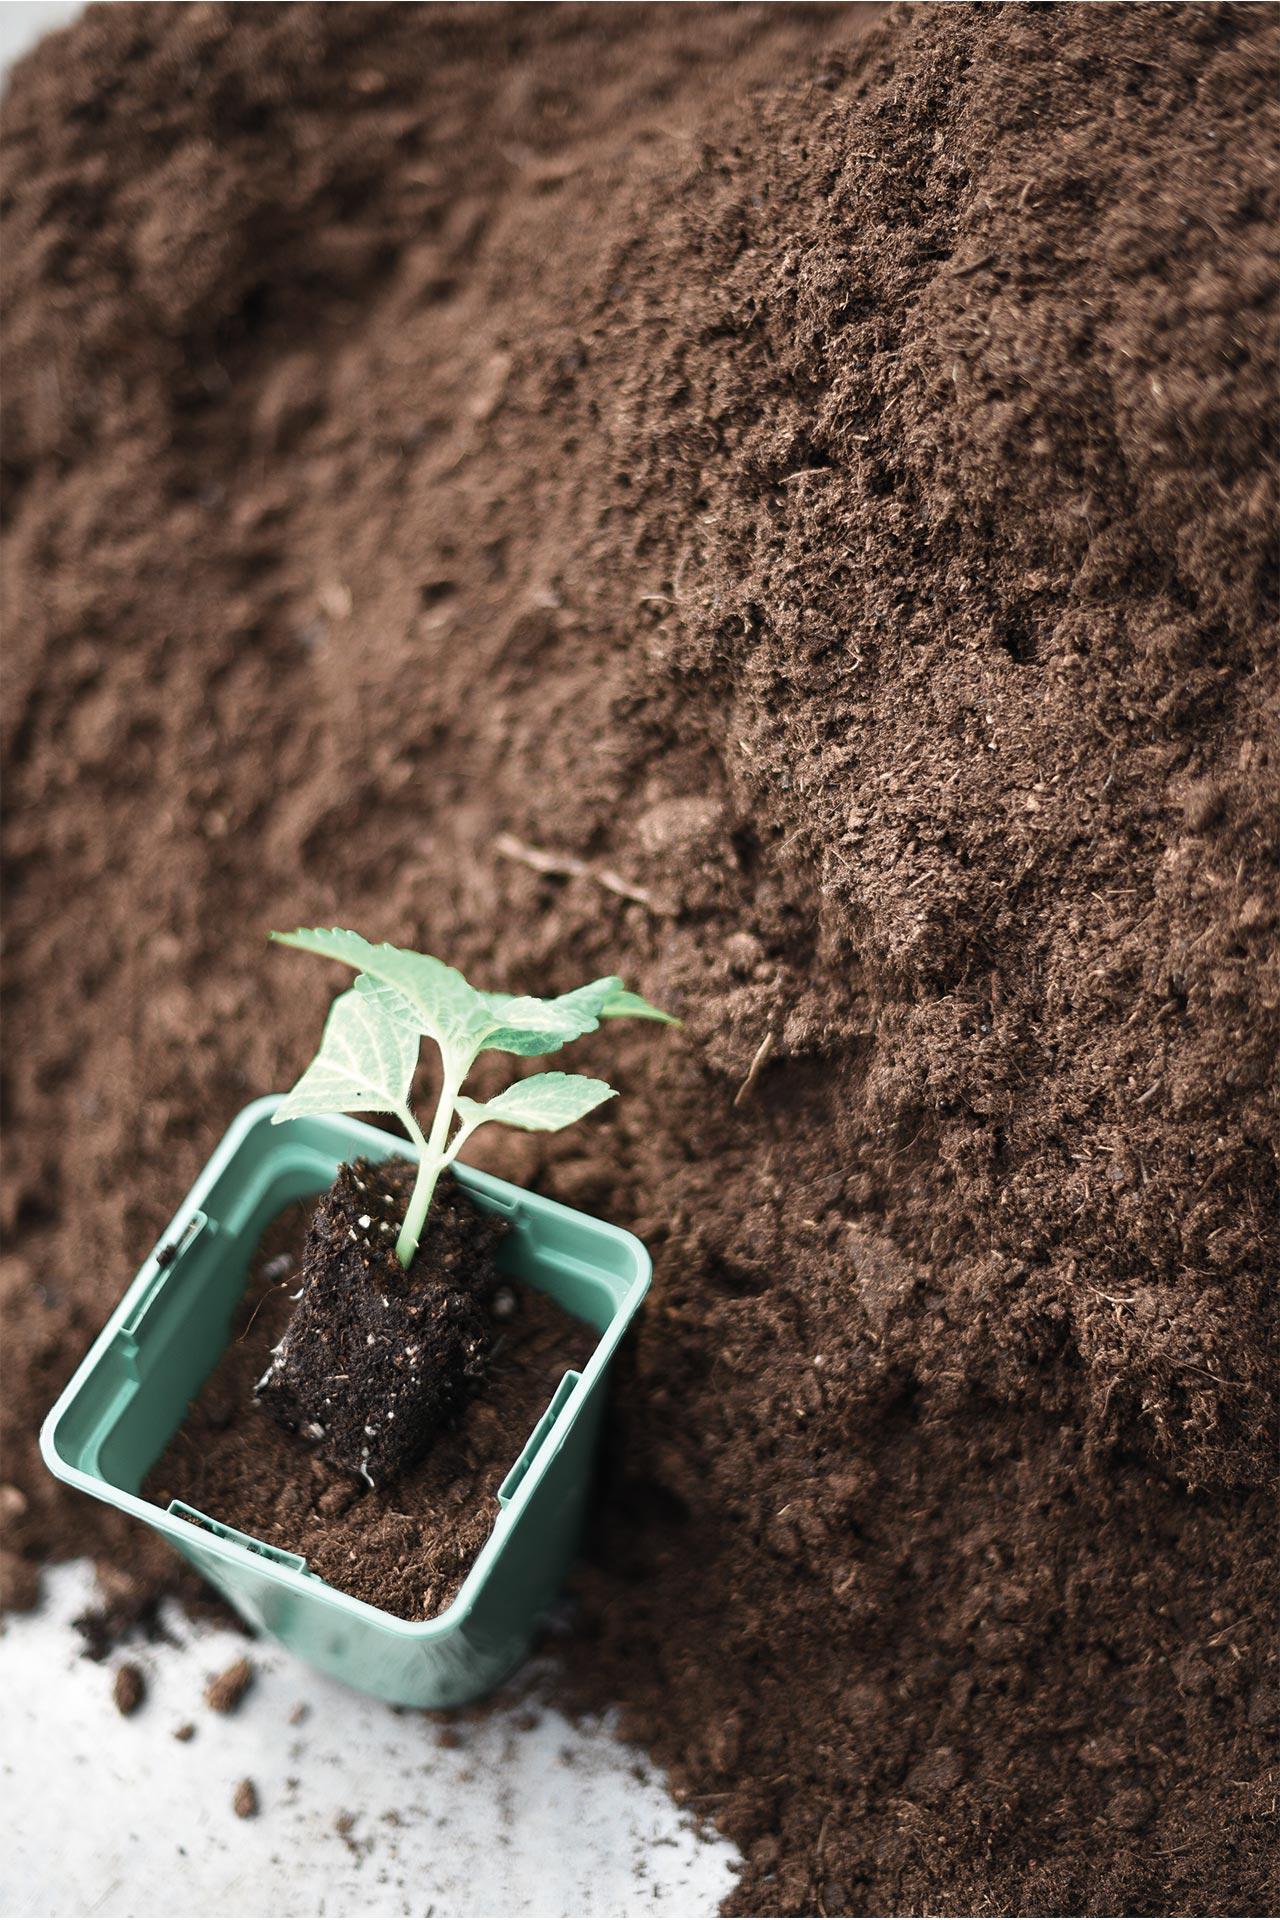 CNPH-Piverdière-formation-végétal-horticulture